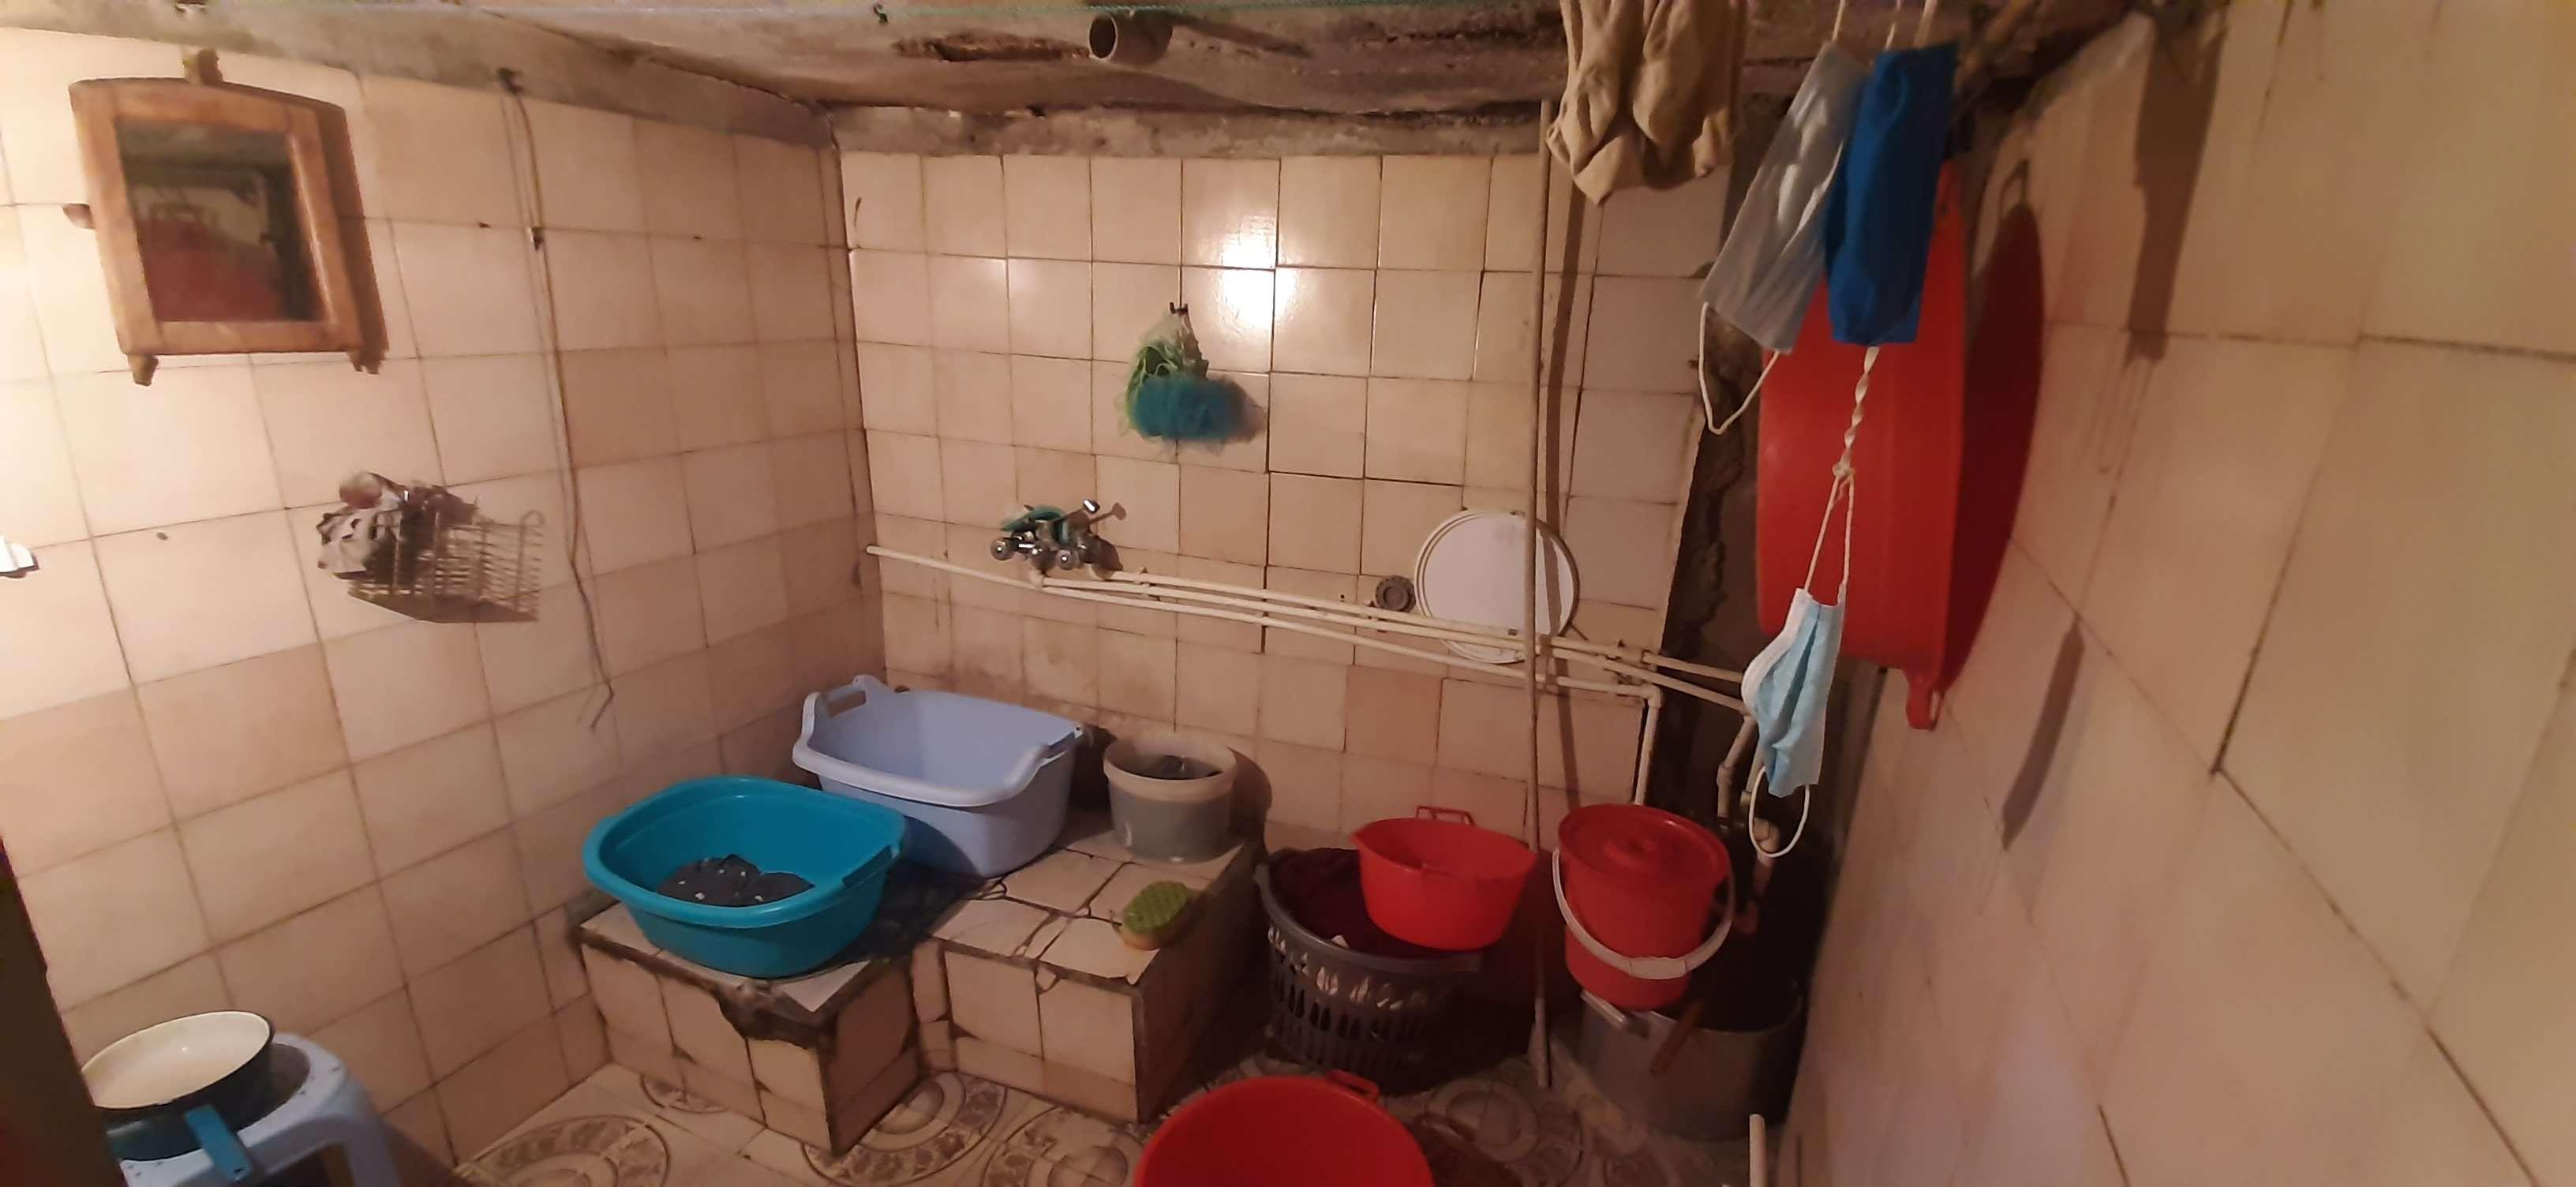 seller.az Nizami.M yaxılıqında həyət evi satılır